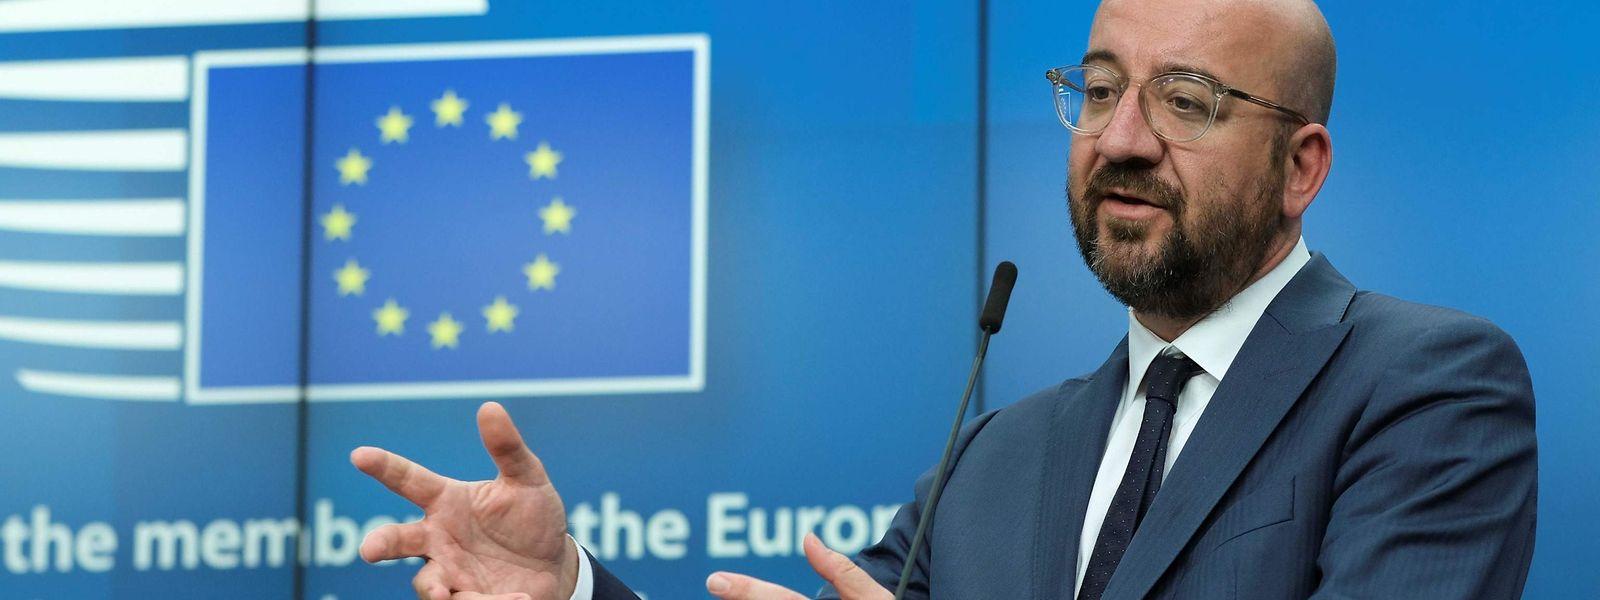 Le président Charles Michel dirigera les travaux de la Commission européenne chargés de budgétiser un plan de relance.